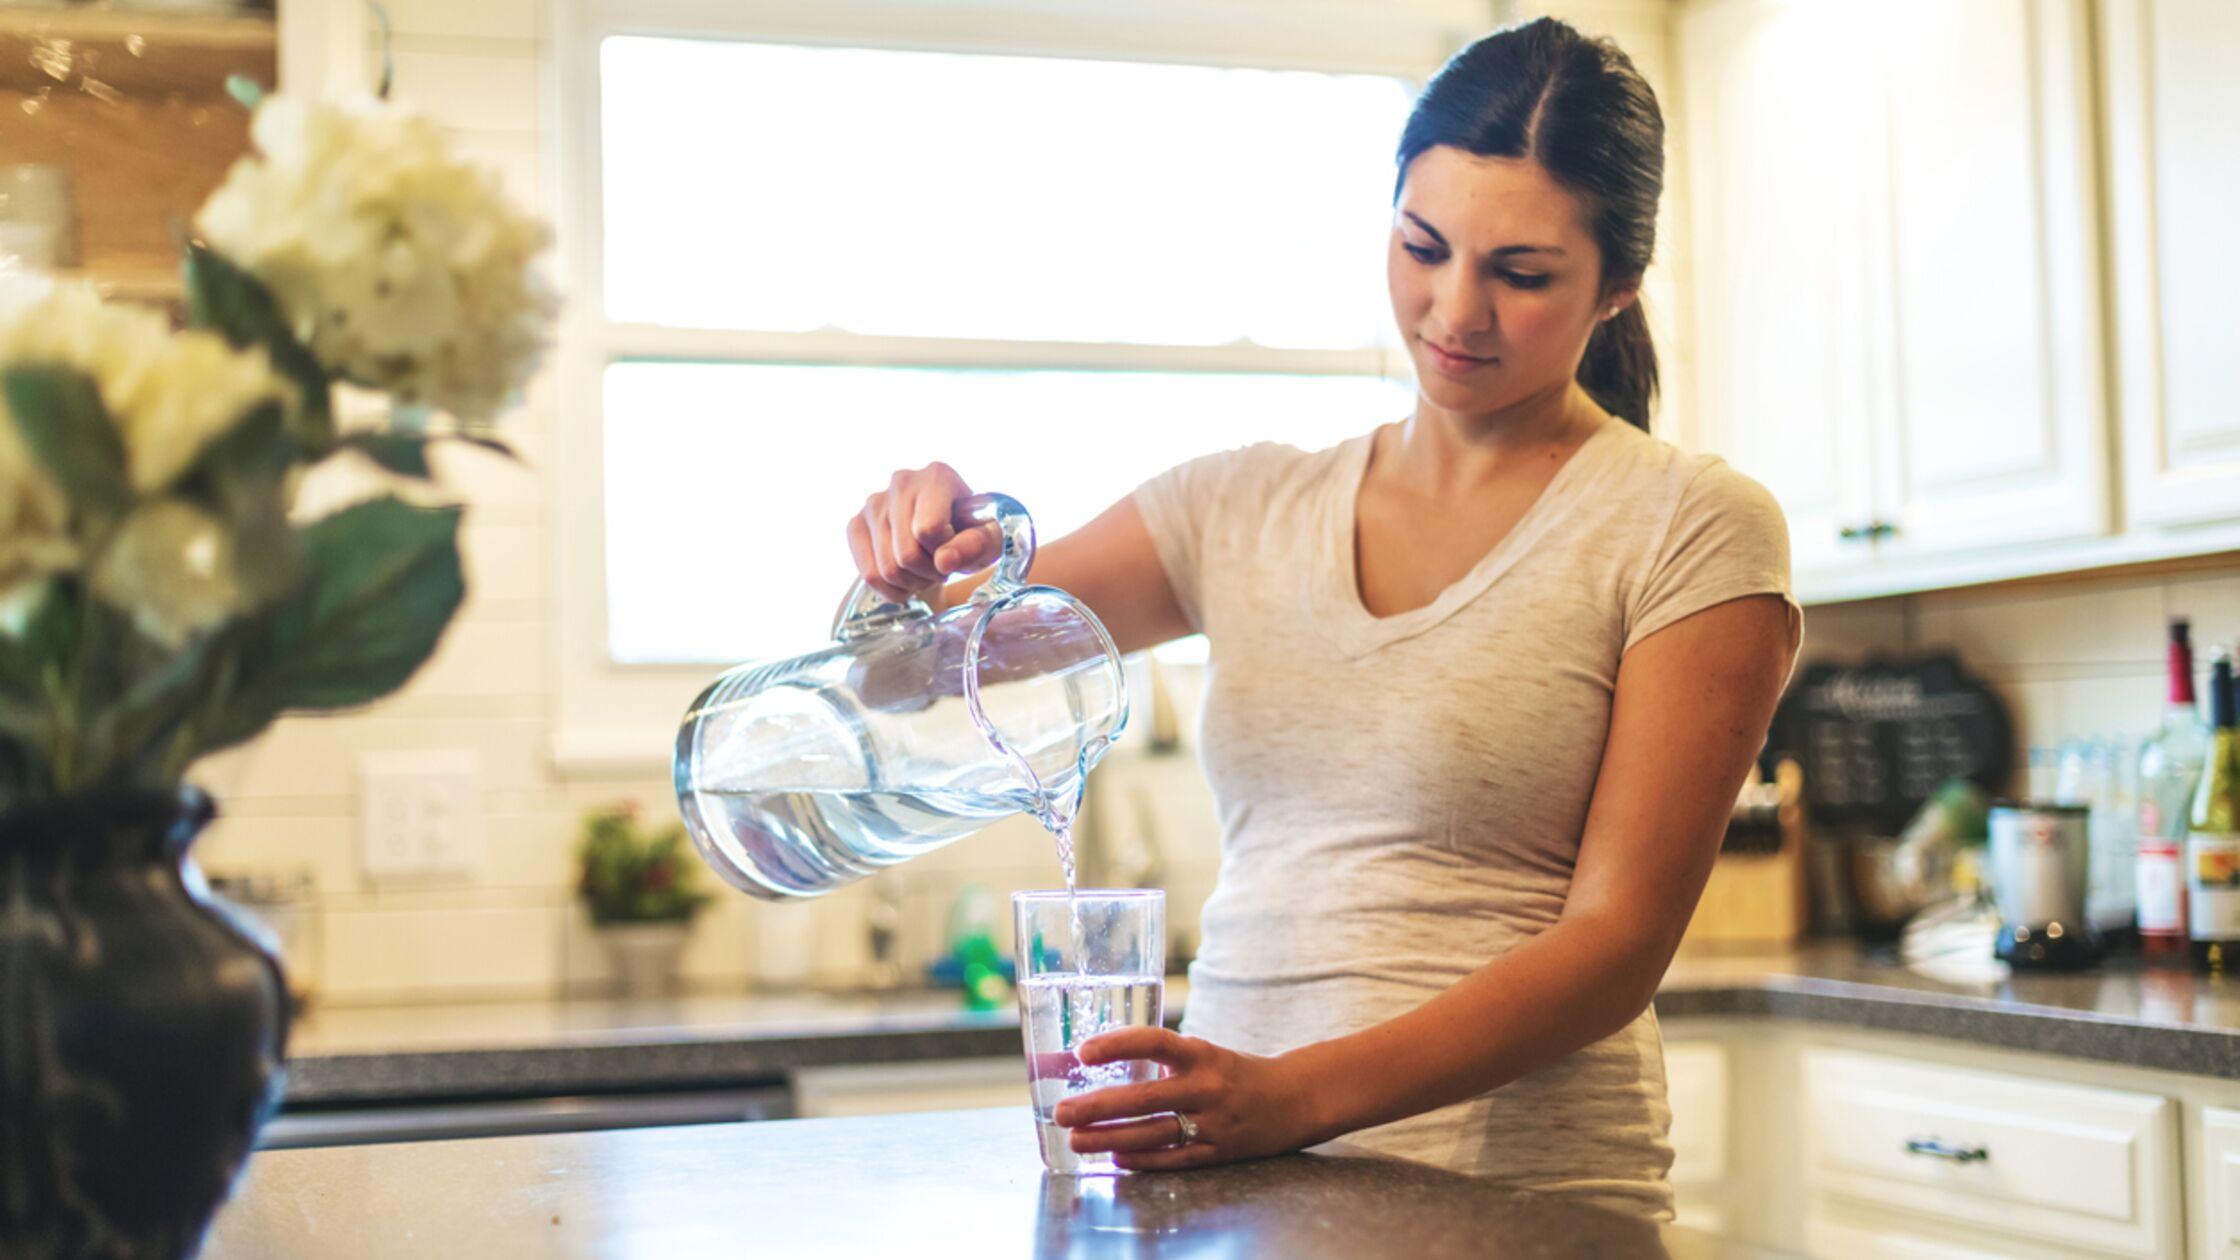 Frau schüttet Trinkwasser aus Karaffe in Glas